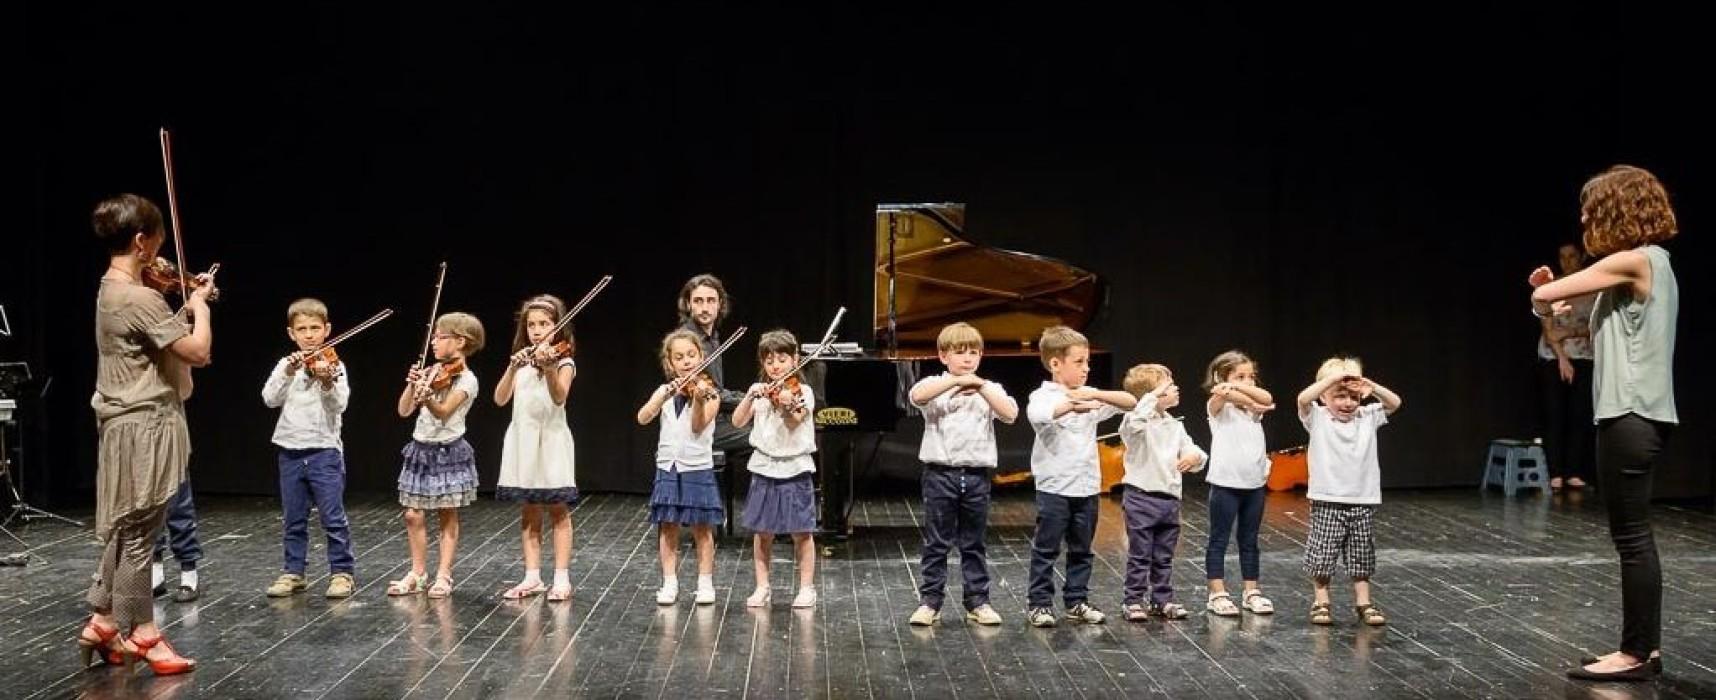 Scuola di Musica Le 7 Note:tra Open Day e concerti